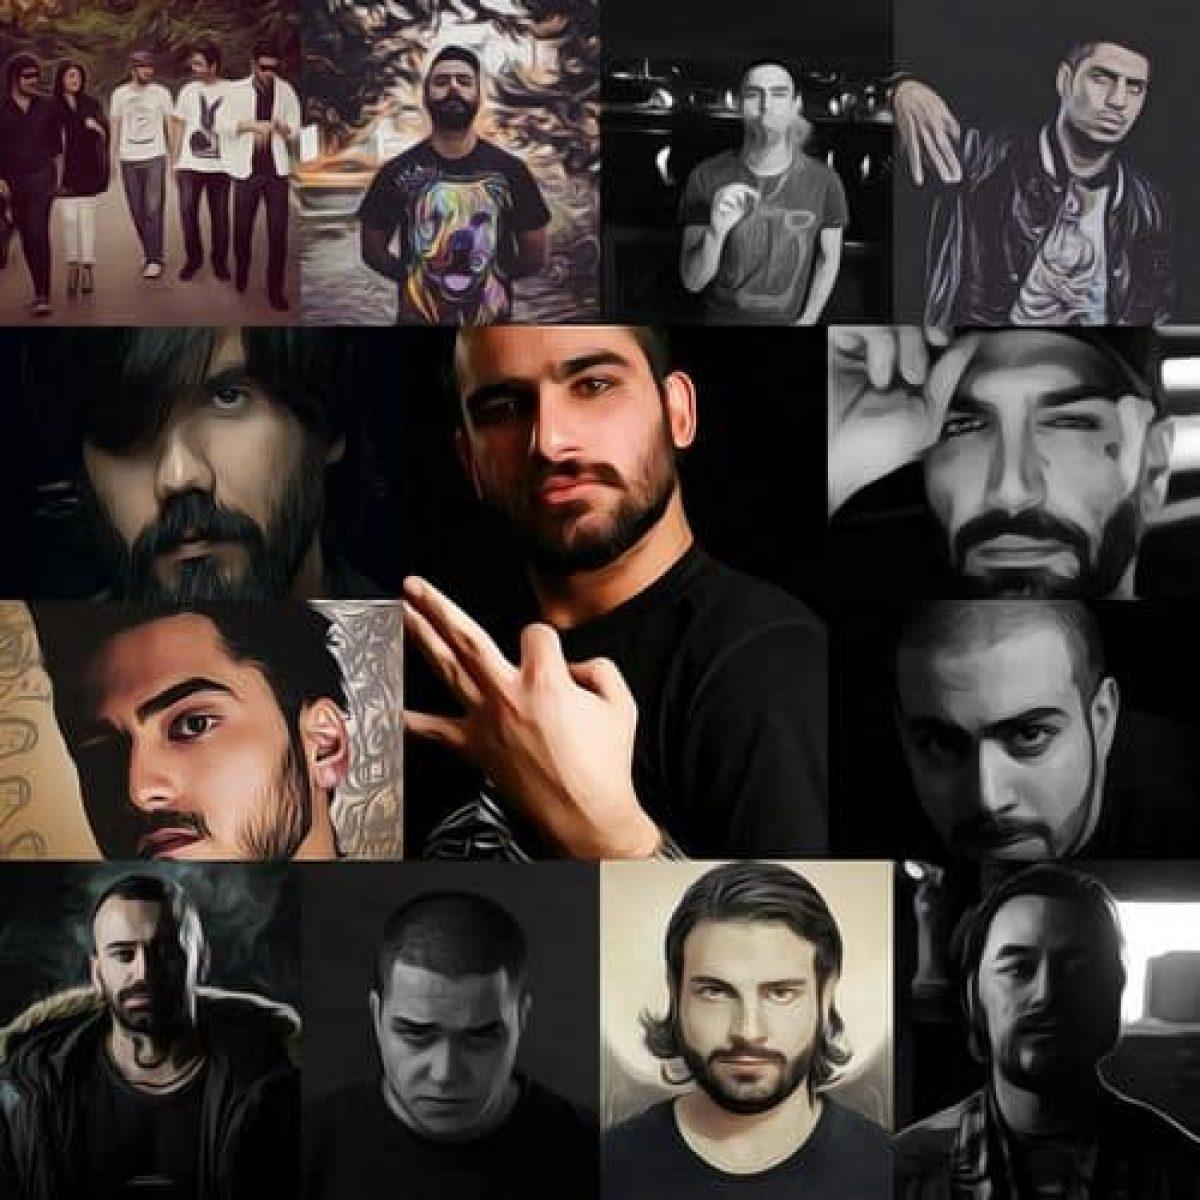 معروف ترین رپر های ایرانی رپ فارسی